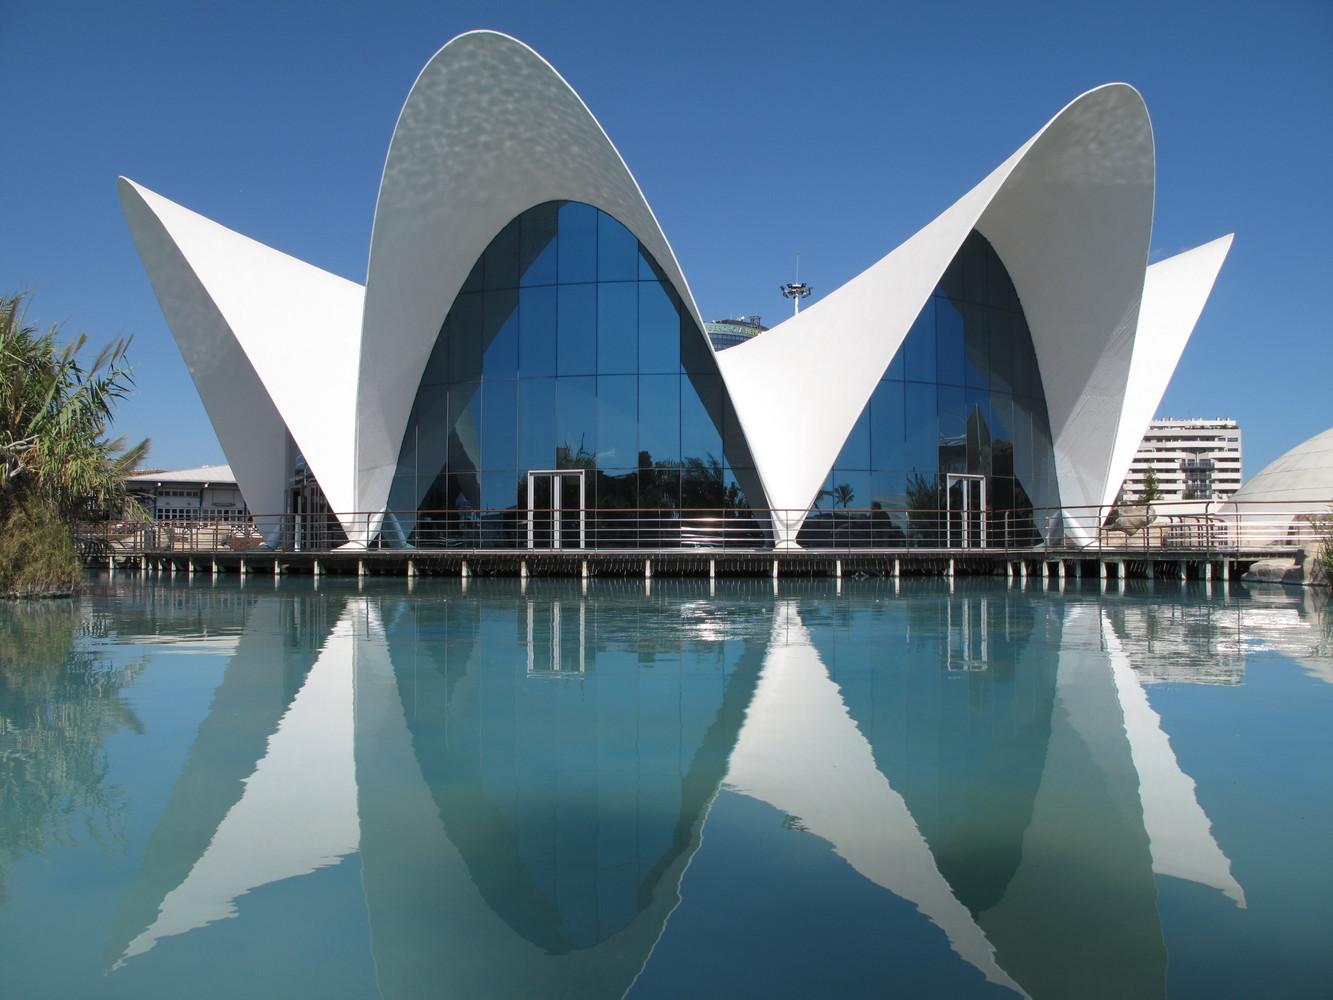 Здание ресторана Los Manantiales в Мехико было построено в 1958 году. Сам Кандела называл его «зонтиком», а в народе прозвали «цветком». Именно это здание и привлекло к творчеству Канделы внимание мировой общественности